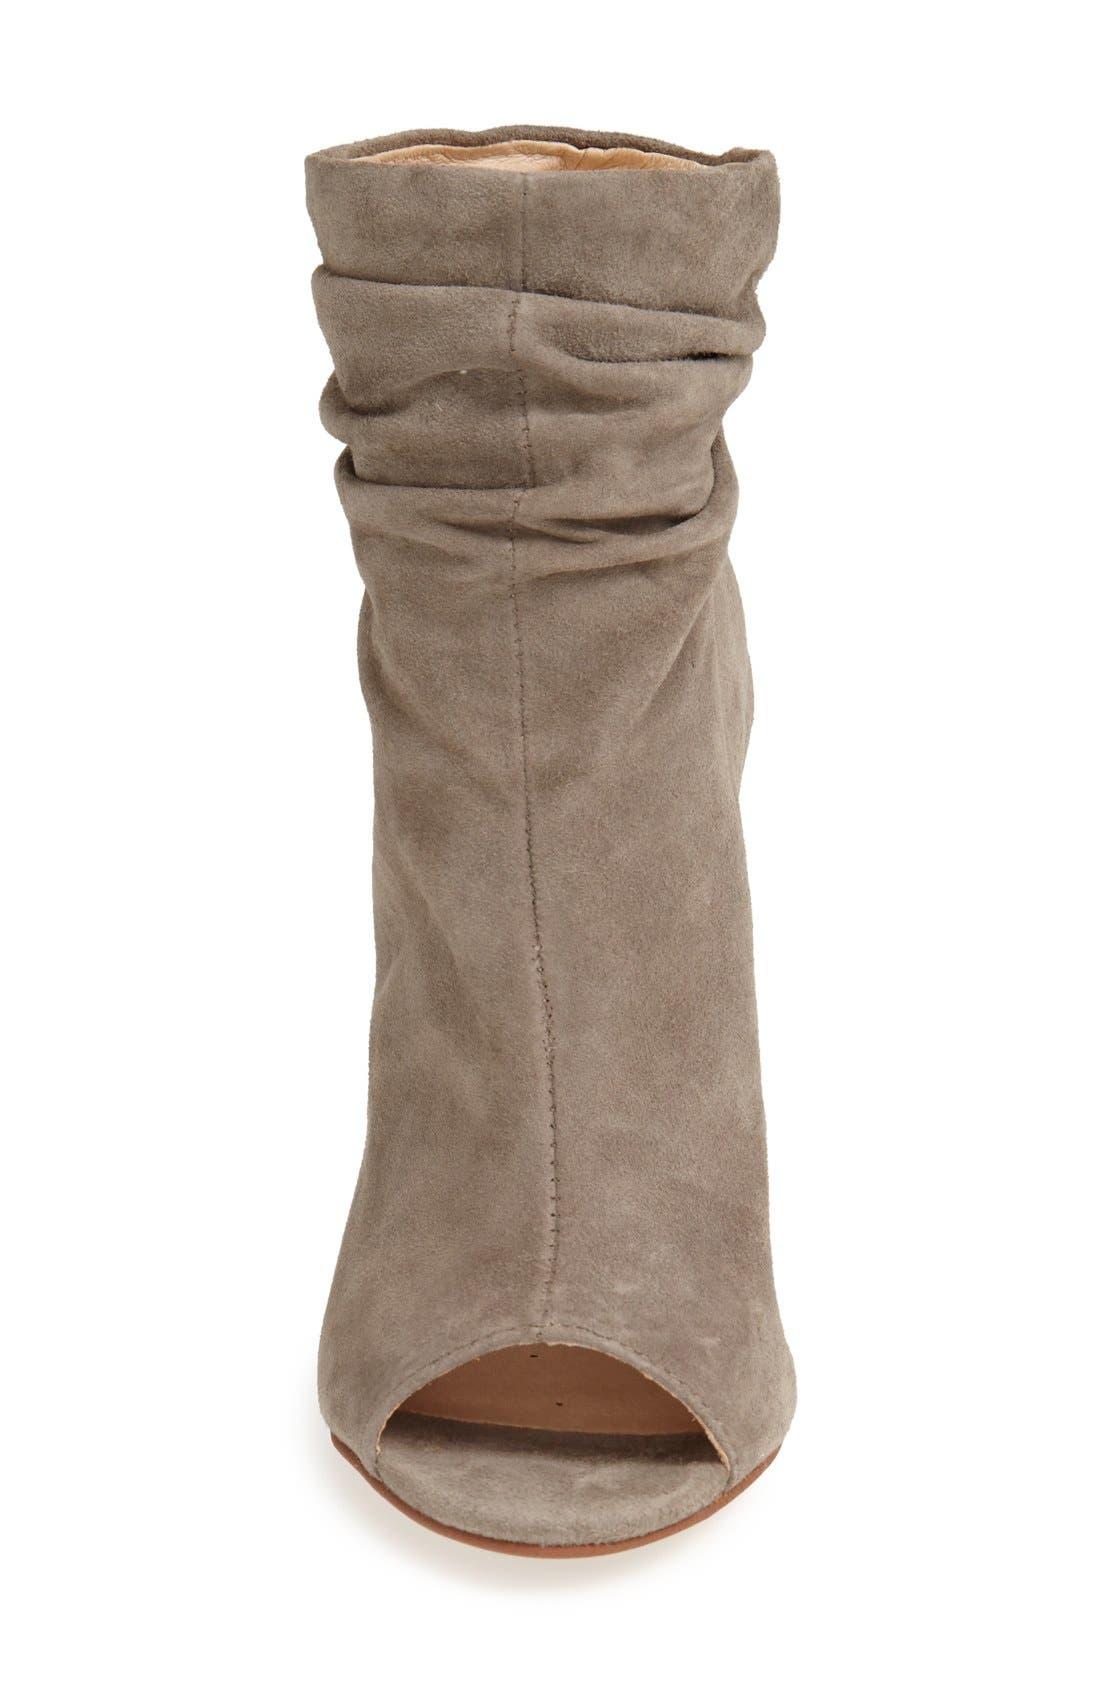 Alternate Image 3  - Kristin Cavallari 'Laurel' Peep Toe Bootie (Women)